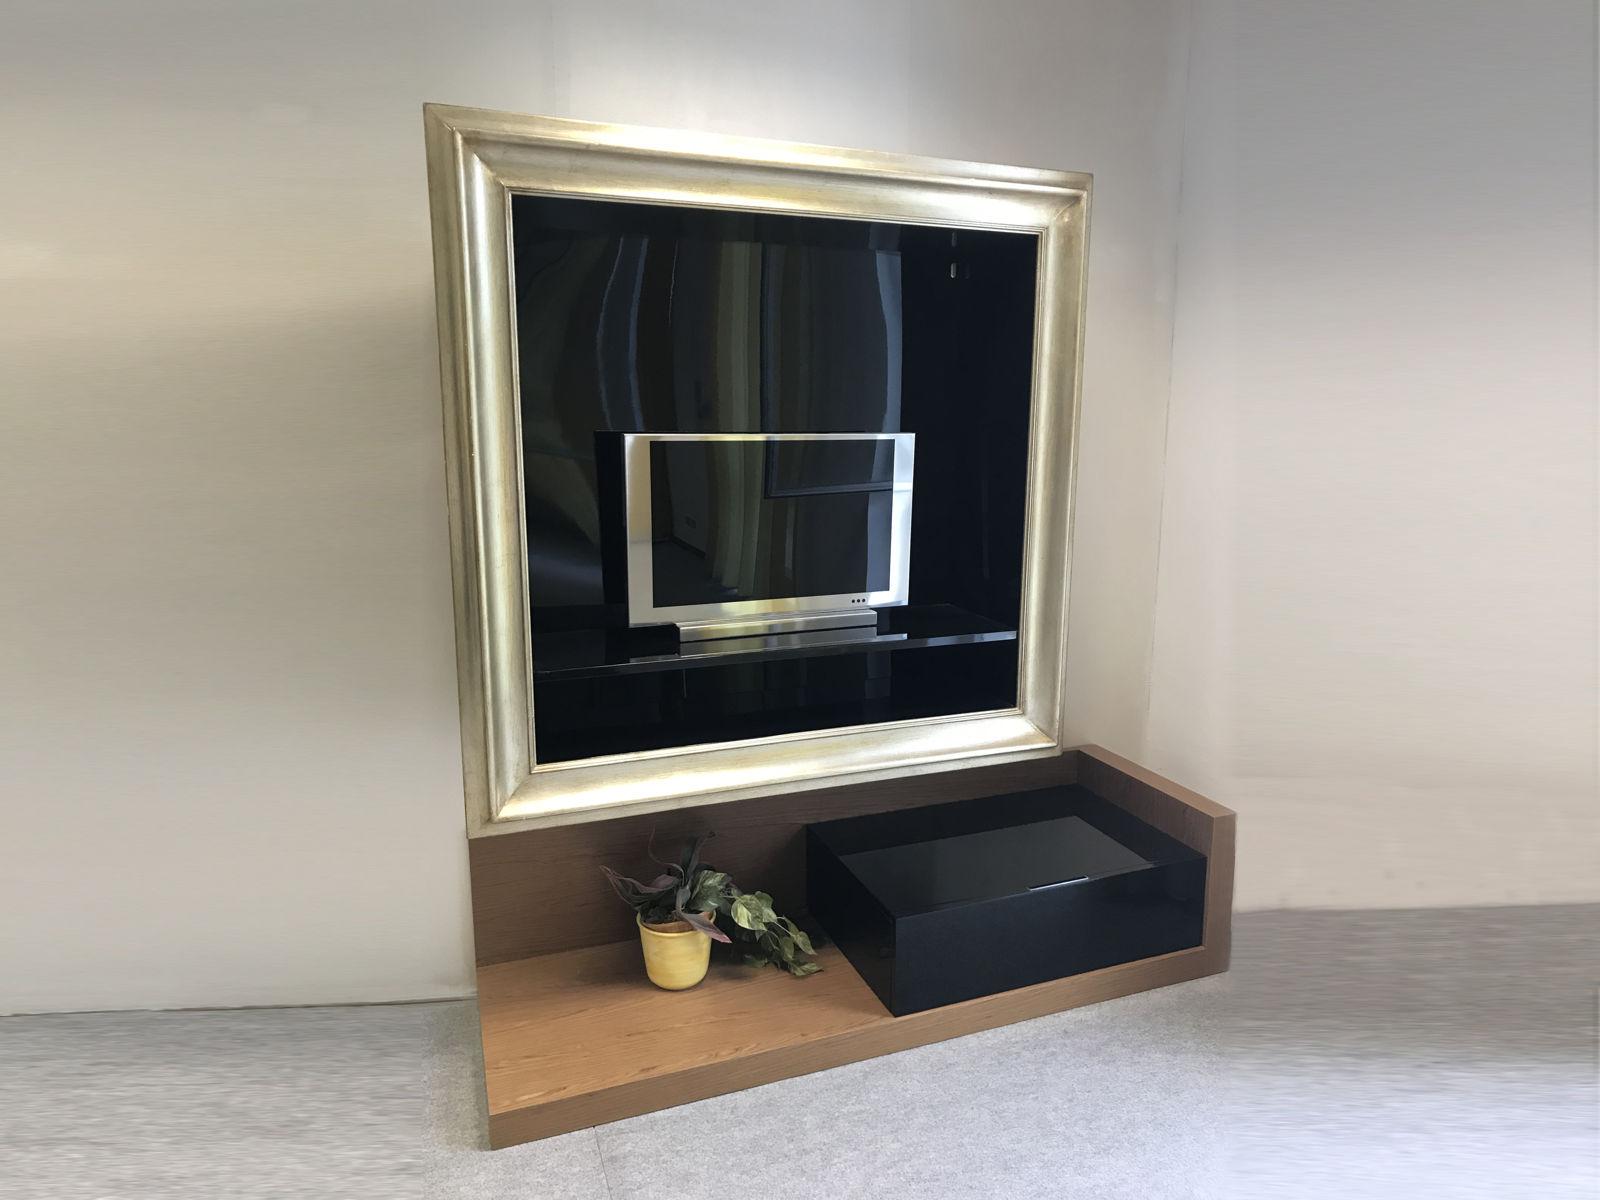 PortaTV unico - € 250,00